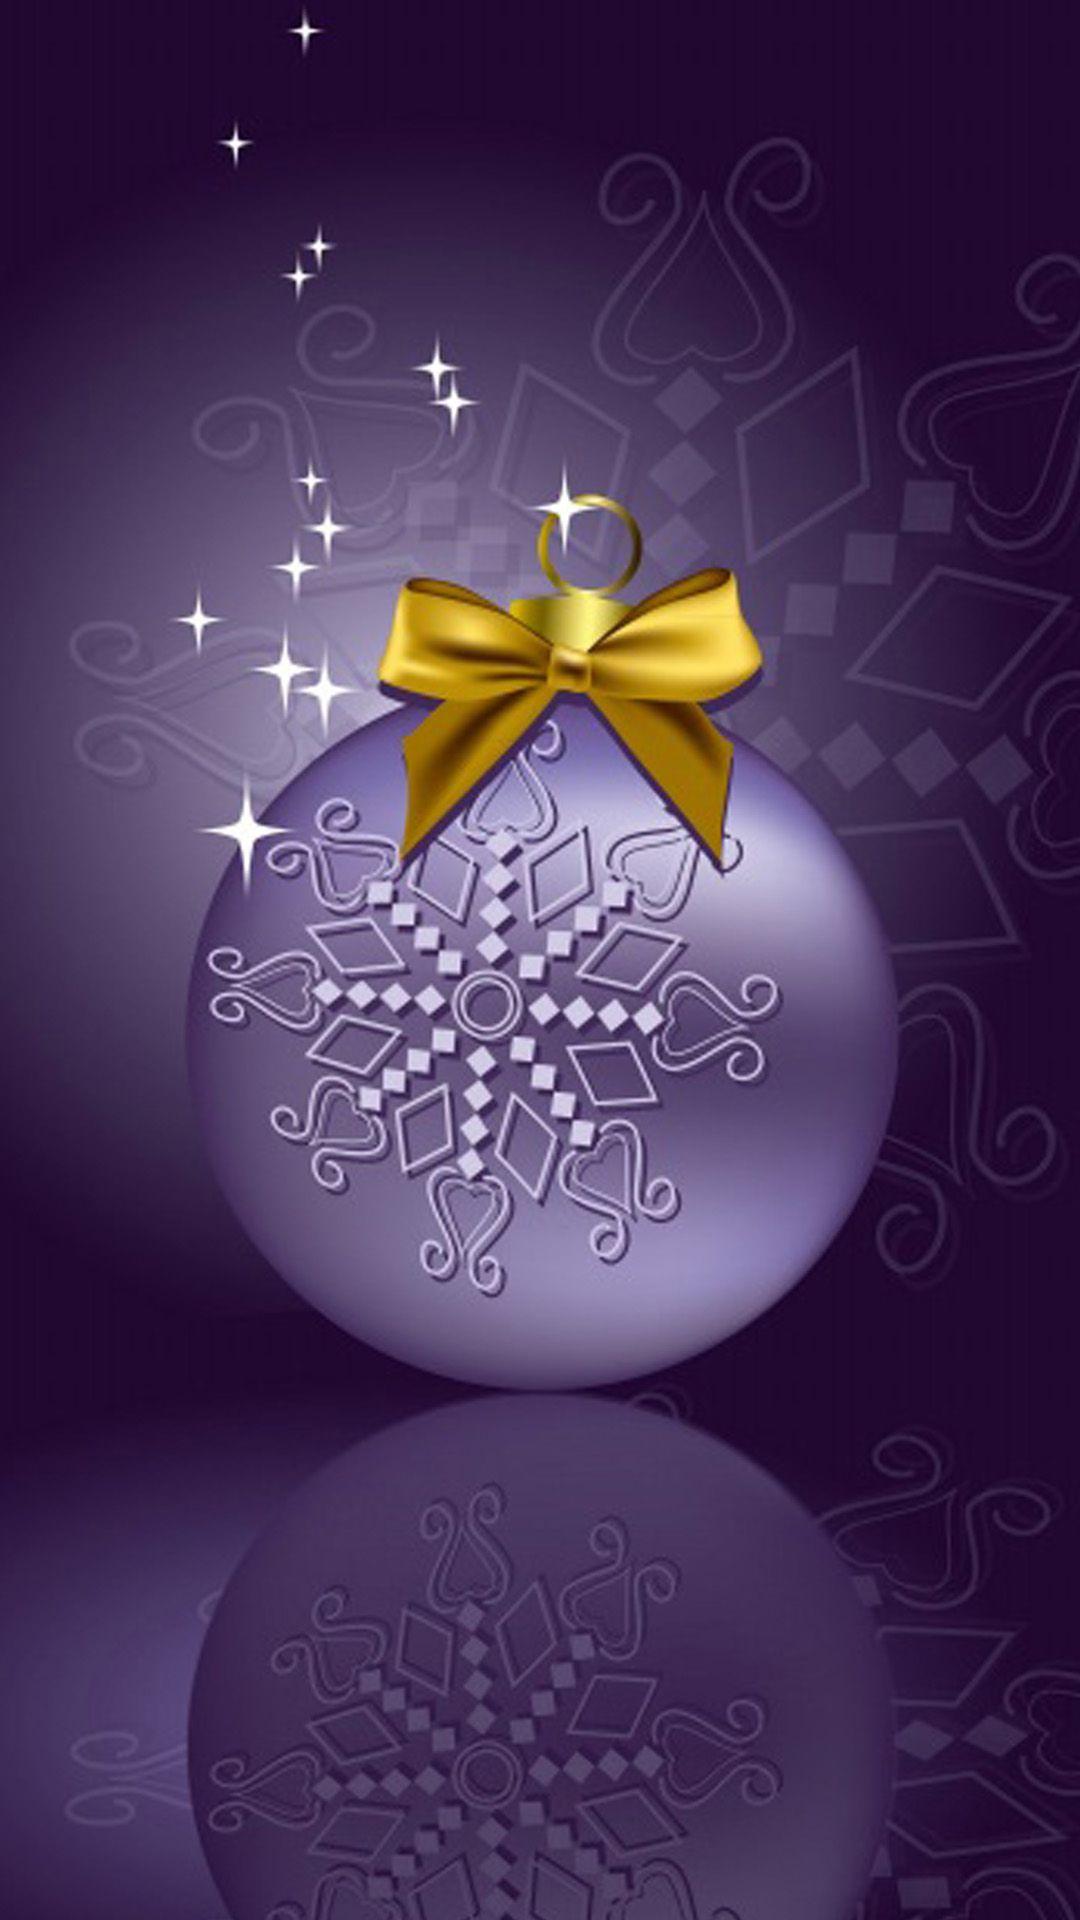 Pin Von Agalma Auf Ipphone Christmas Hintergrund Weihnachten Weihnachtshintergrund Weihnachten